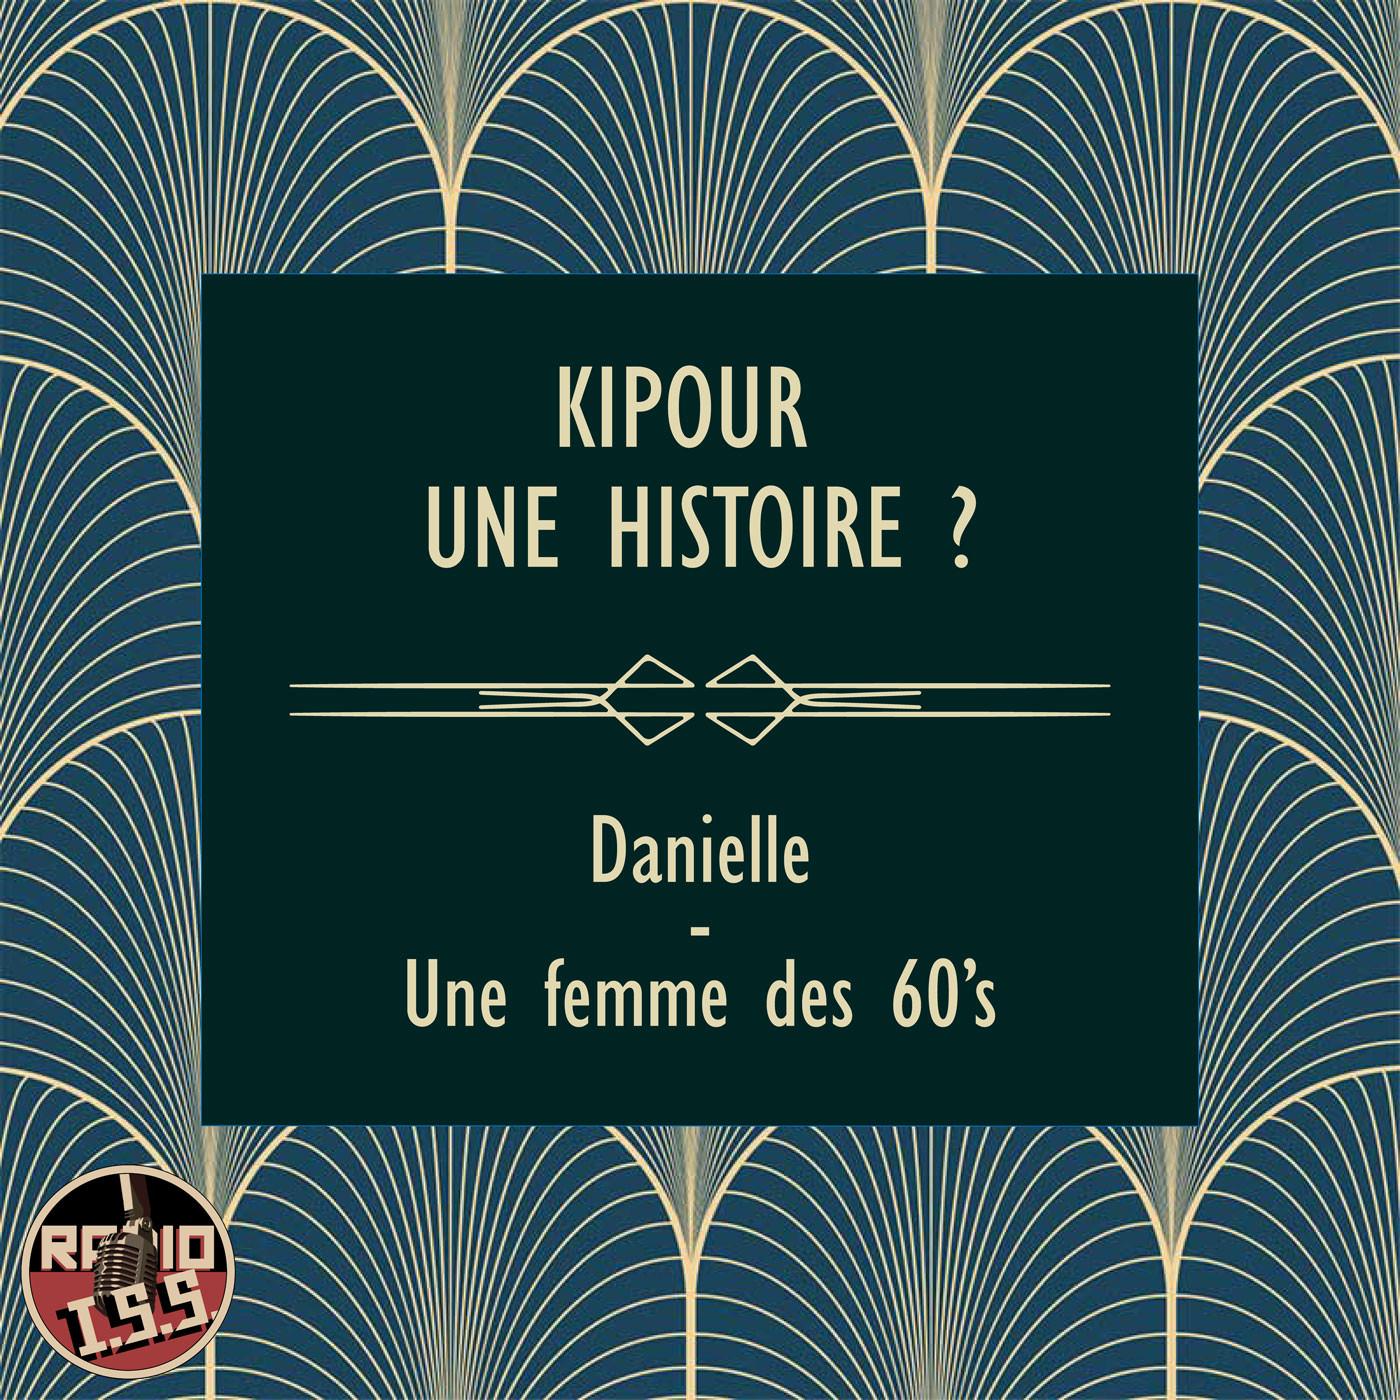 Kipour une histoire ? #3 : Danielle - Une femme des 60's